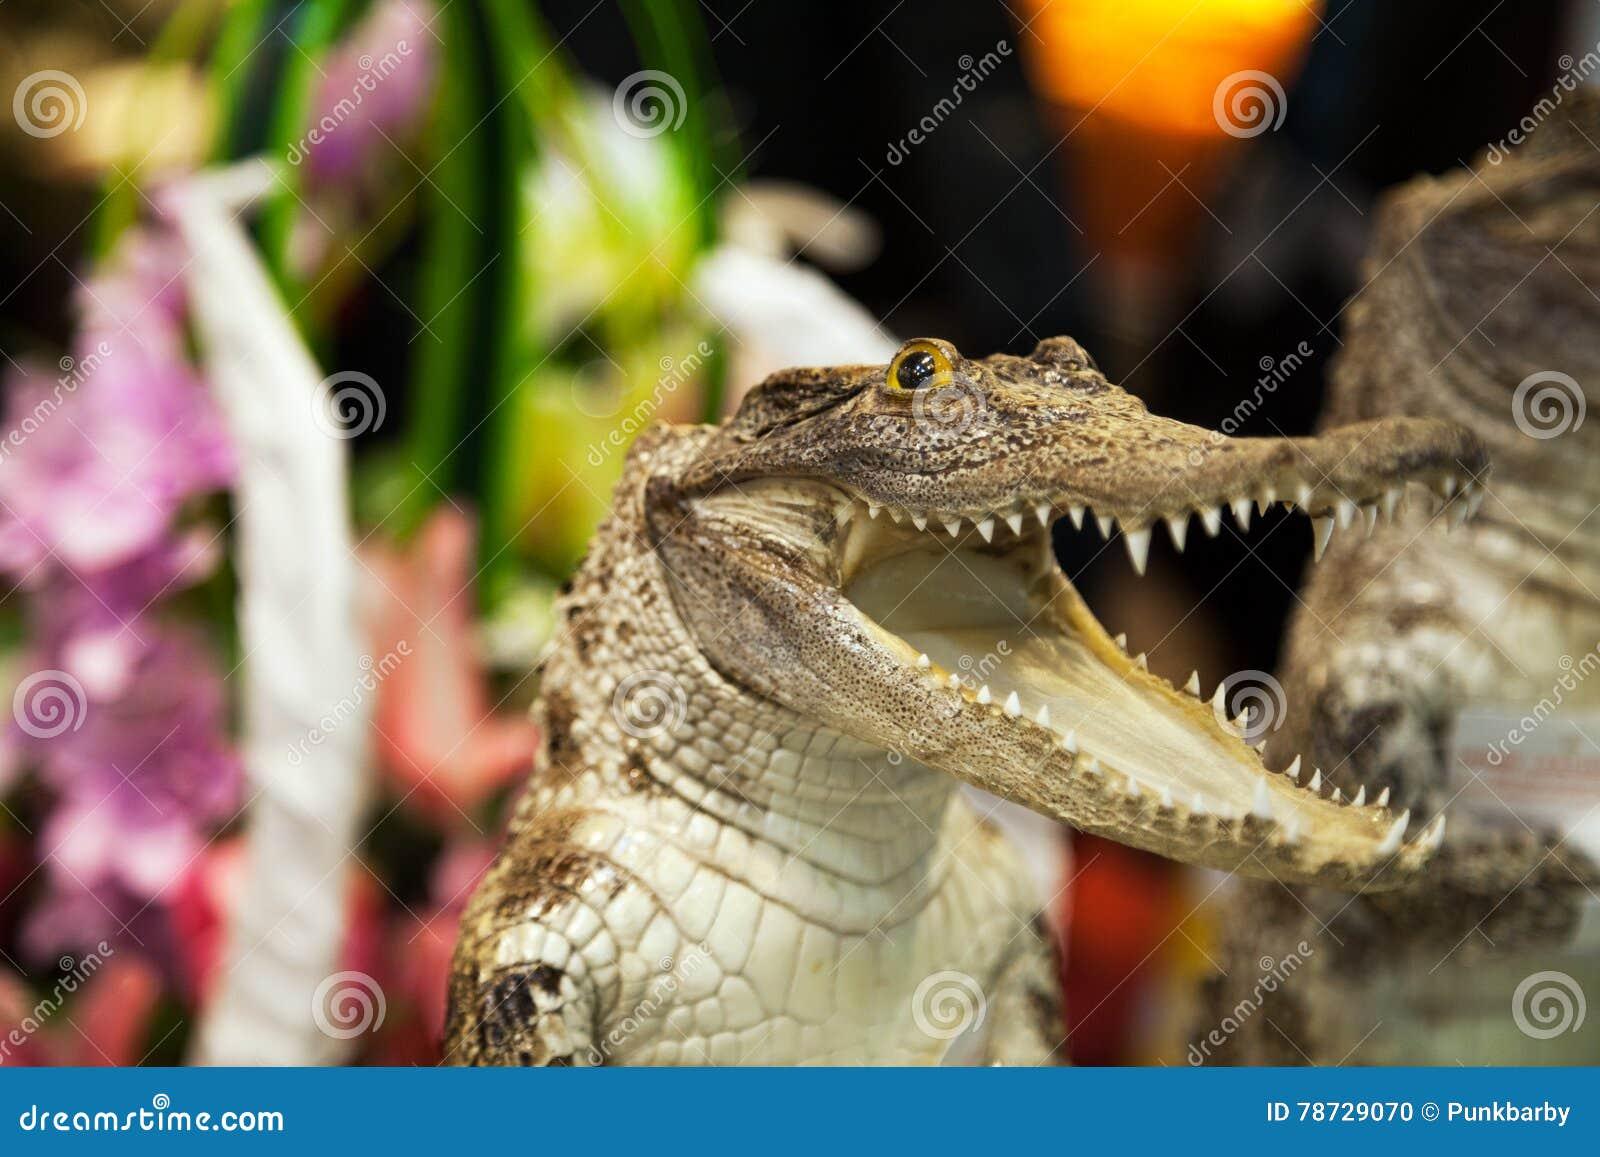 Liten gullig krokodil som skrattar med den öppna munnen med lotten av tänder Reptilattack